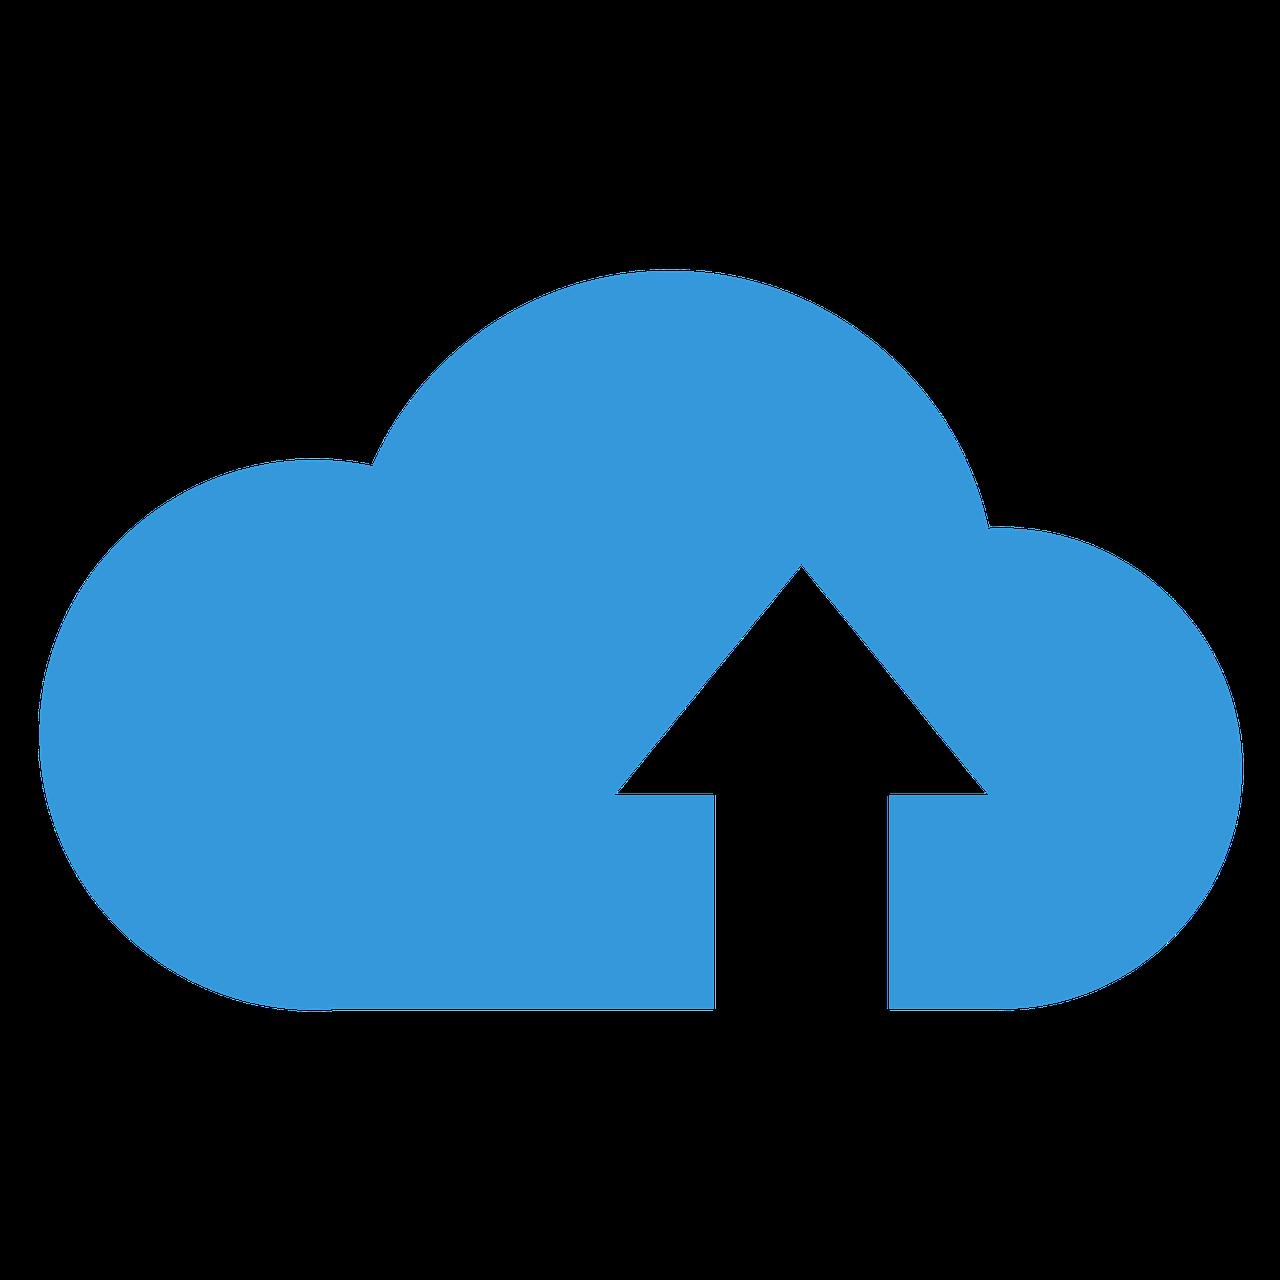 облако-облачное-хранилище-ТОП-12.png